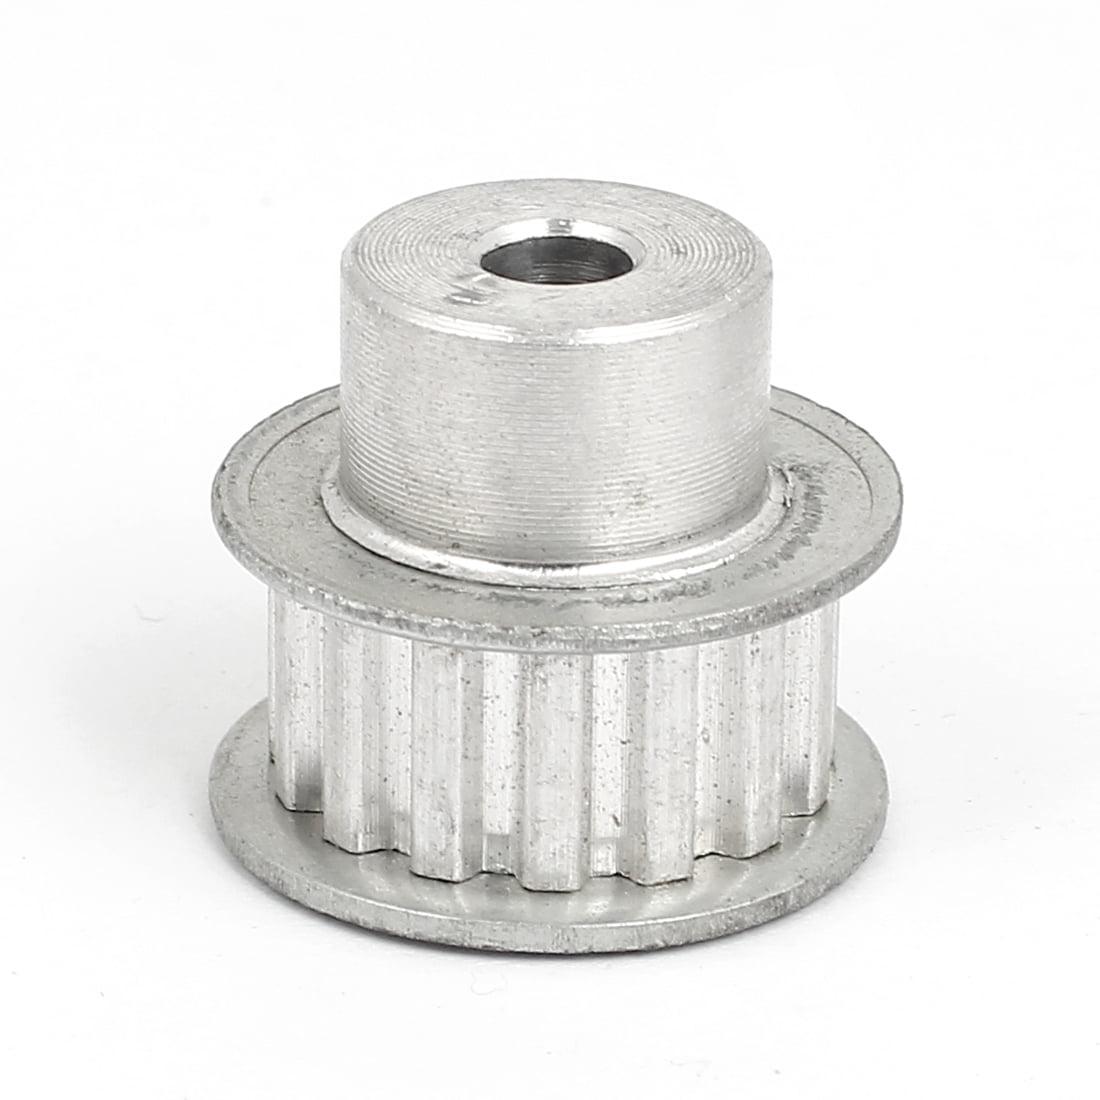 L15 12mm Large bande 6mm Dia Alésage poulie distribution Sync 15 dent - image 2 de 2